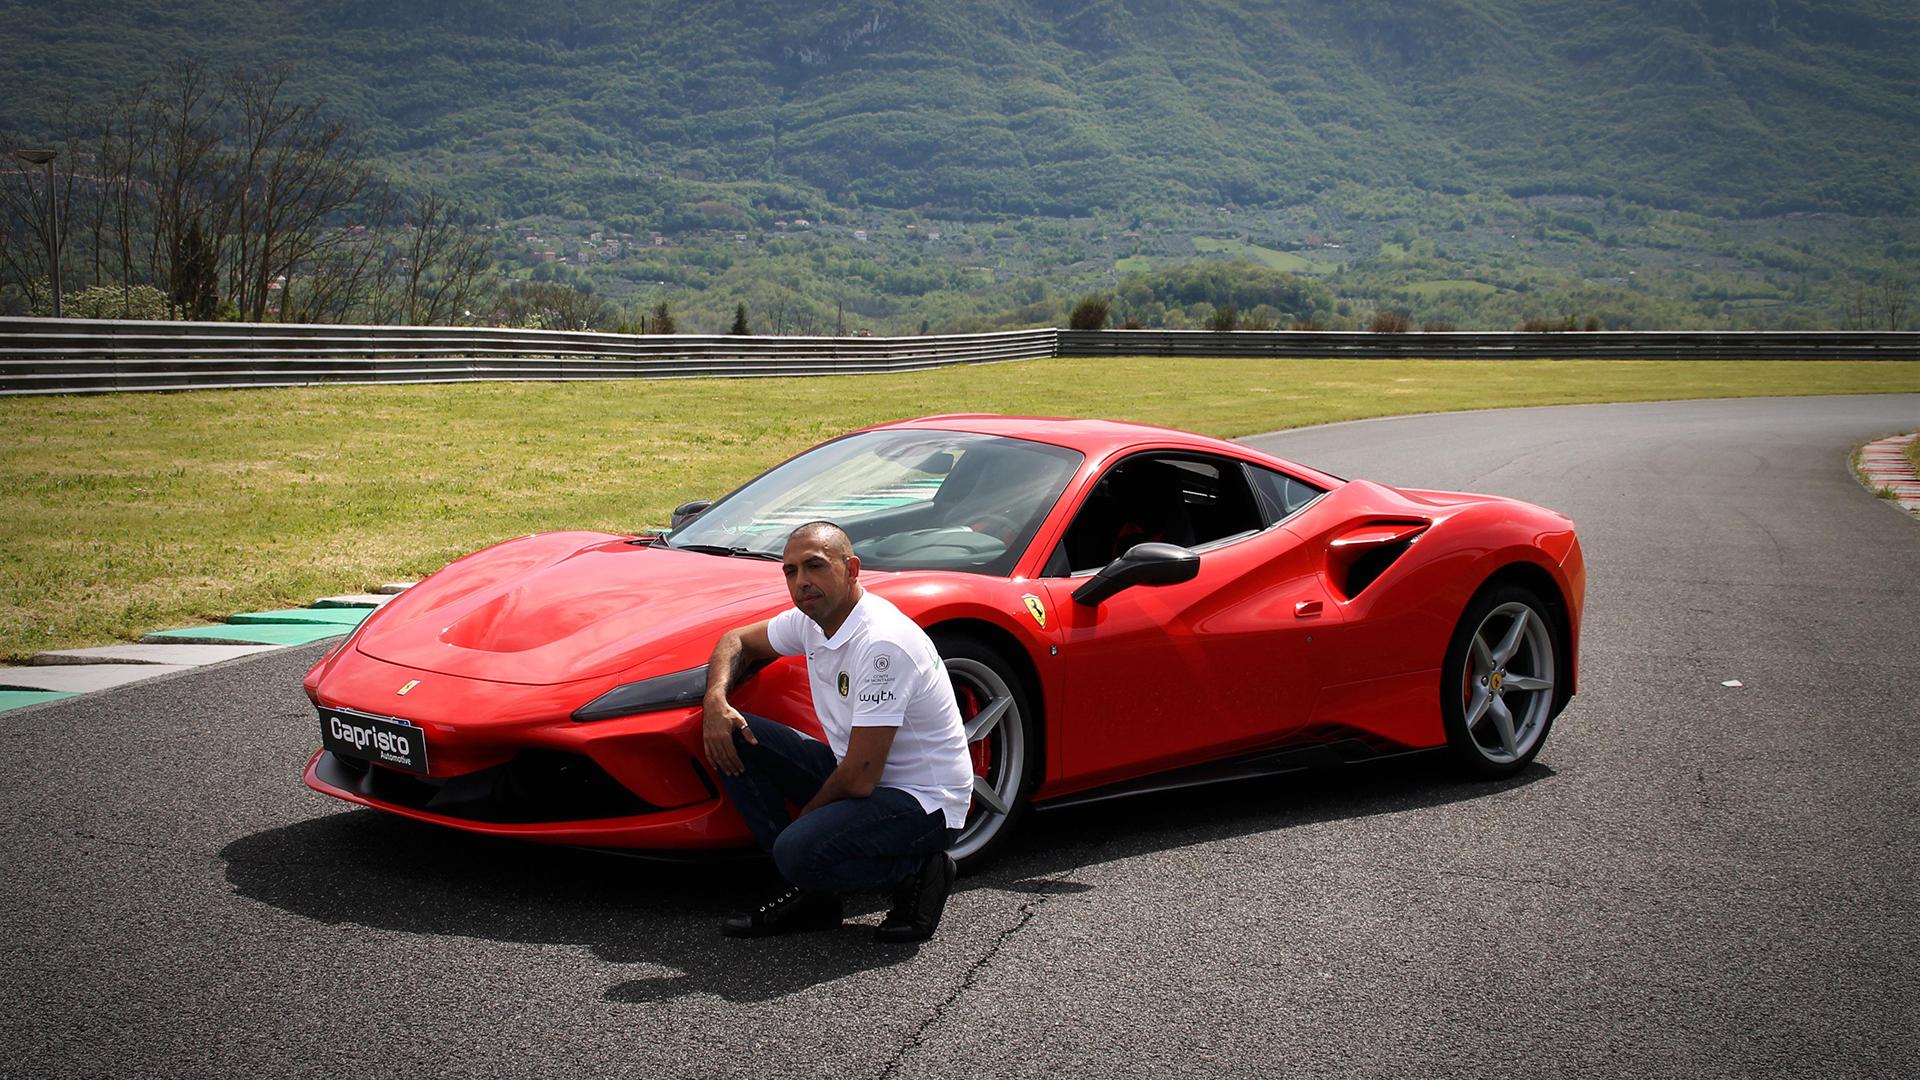 fabio-barone-ferrari-f8-tributo-guinness-world-record-2021-test-(148)